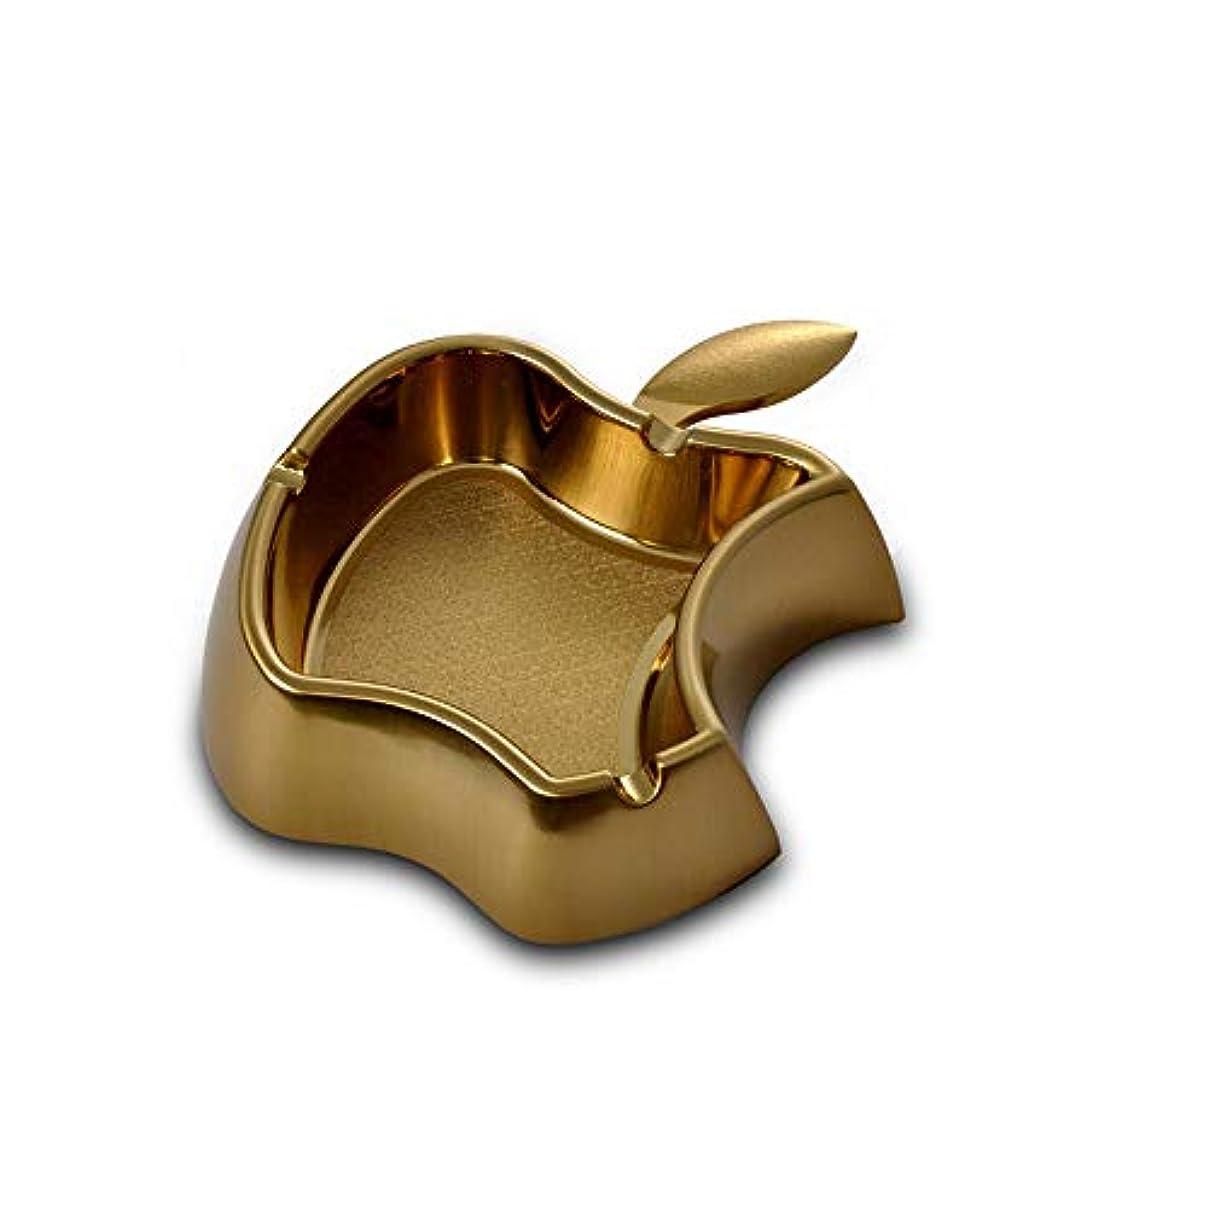 類似性外交交響曲クリエイティブアップルメタル灰皿シンプルな灰皿耐火ドロップ灰皿 (色 : ゴールド)